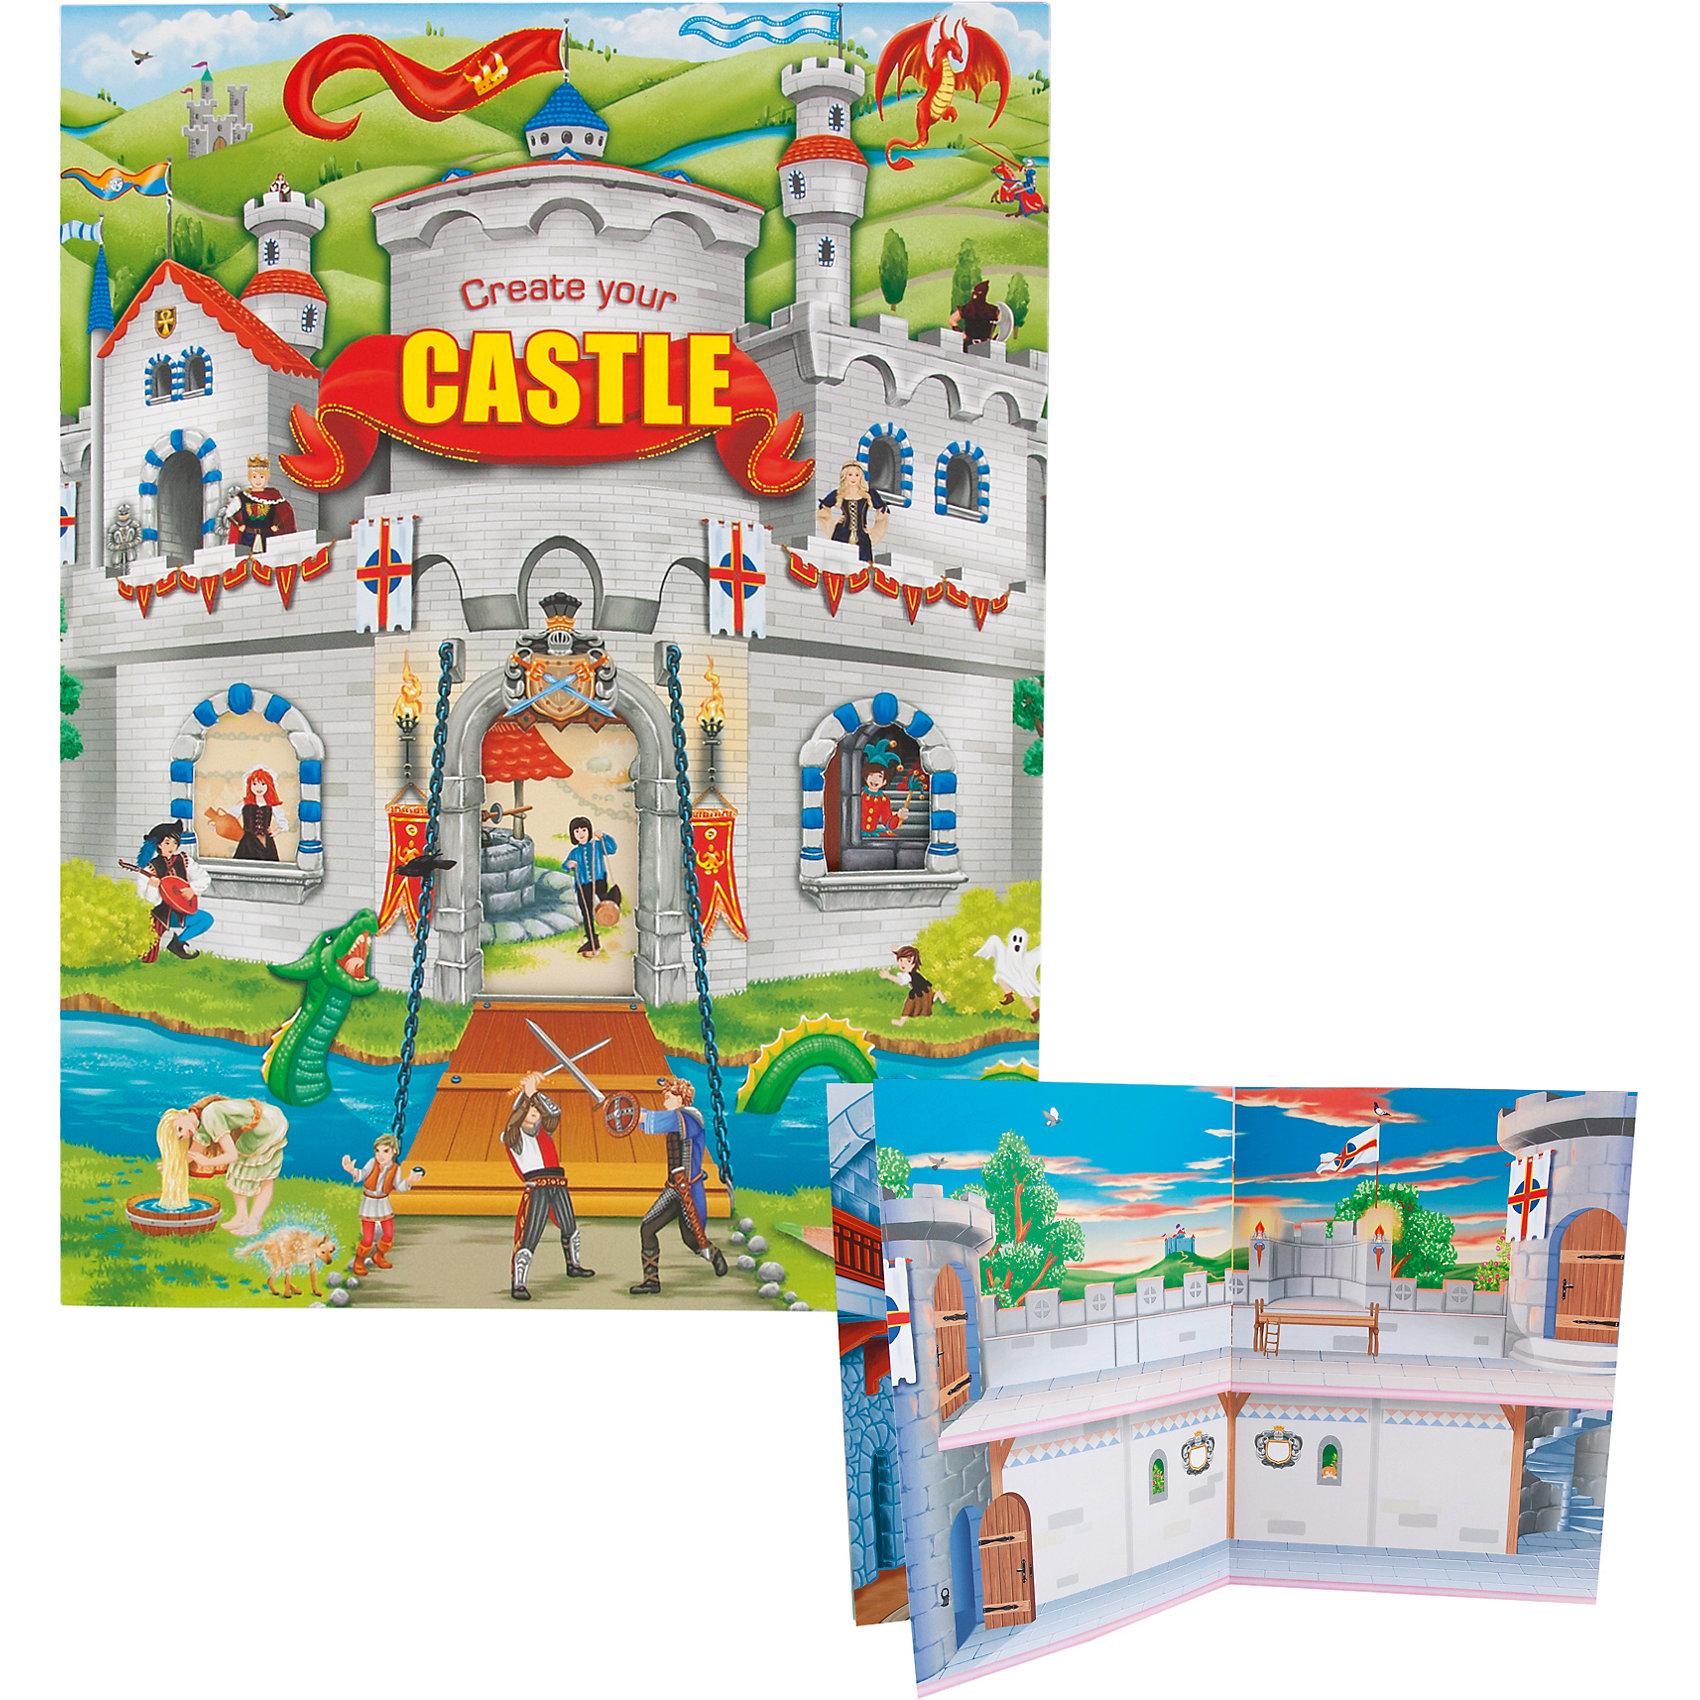 Альбом с наклейками Create your Castle, Creative StudioКниги для развития творческих навыков<br>Альбом с наклейками Create your Castle, Creative Studio<br><br>Характеристики:<br><br>• В комплекте: раскраска, 4 листа с наклейками<br>• Возраст: от 3 до 6 лет<br>• Количество страниц: 24<br><br>Этот альбом «Создай свой замок» из серии CreativeStudio содержит 24 листа с различными сюжетами из замков, которые должны быть наполнены героями и предметами интерьера. На 4 листах с наклейками ребенок обнаружит сотни героев, рыцарей, предметов интерьера и украшений для замка. Кроме этого в наборе есть светящиеся в темноте наклейки. Эта книга помогает развитию воображения вашего ребенка и его мелкой моторики. <br><br>Альбом с наклейками Create your Castle, Creative Studio можно купить в нашем интернет-магазине.<br><br>Ширина мм: 337<br>Глубина мм: 253<br>Высота мм: 48<br>Вес г: 273<br>Возраст от месяцев: 60<br>Возраст до месяцев: 1164<br>Пол: Унисекс<br>Возраст: Детский<br>SKU: 4026810